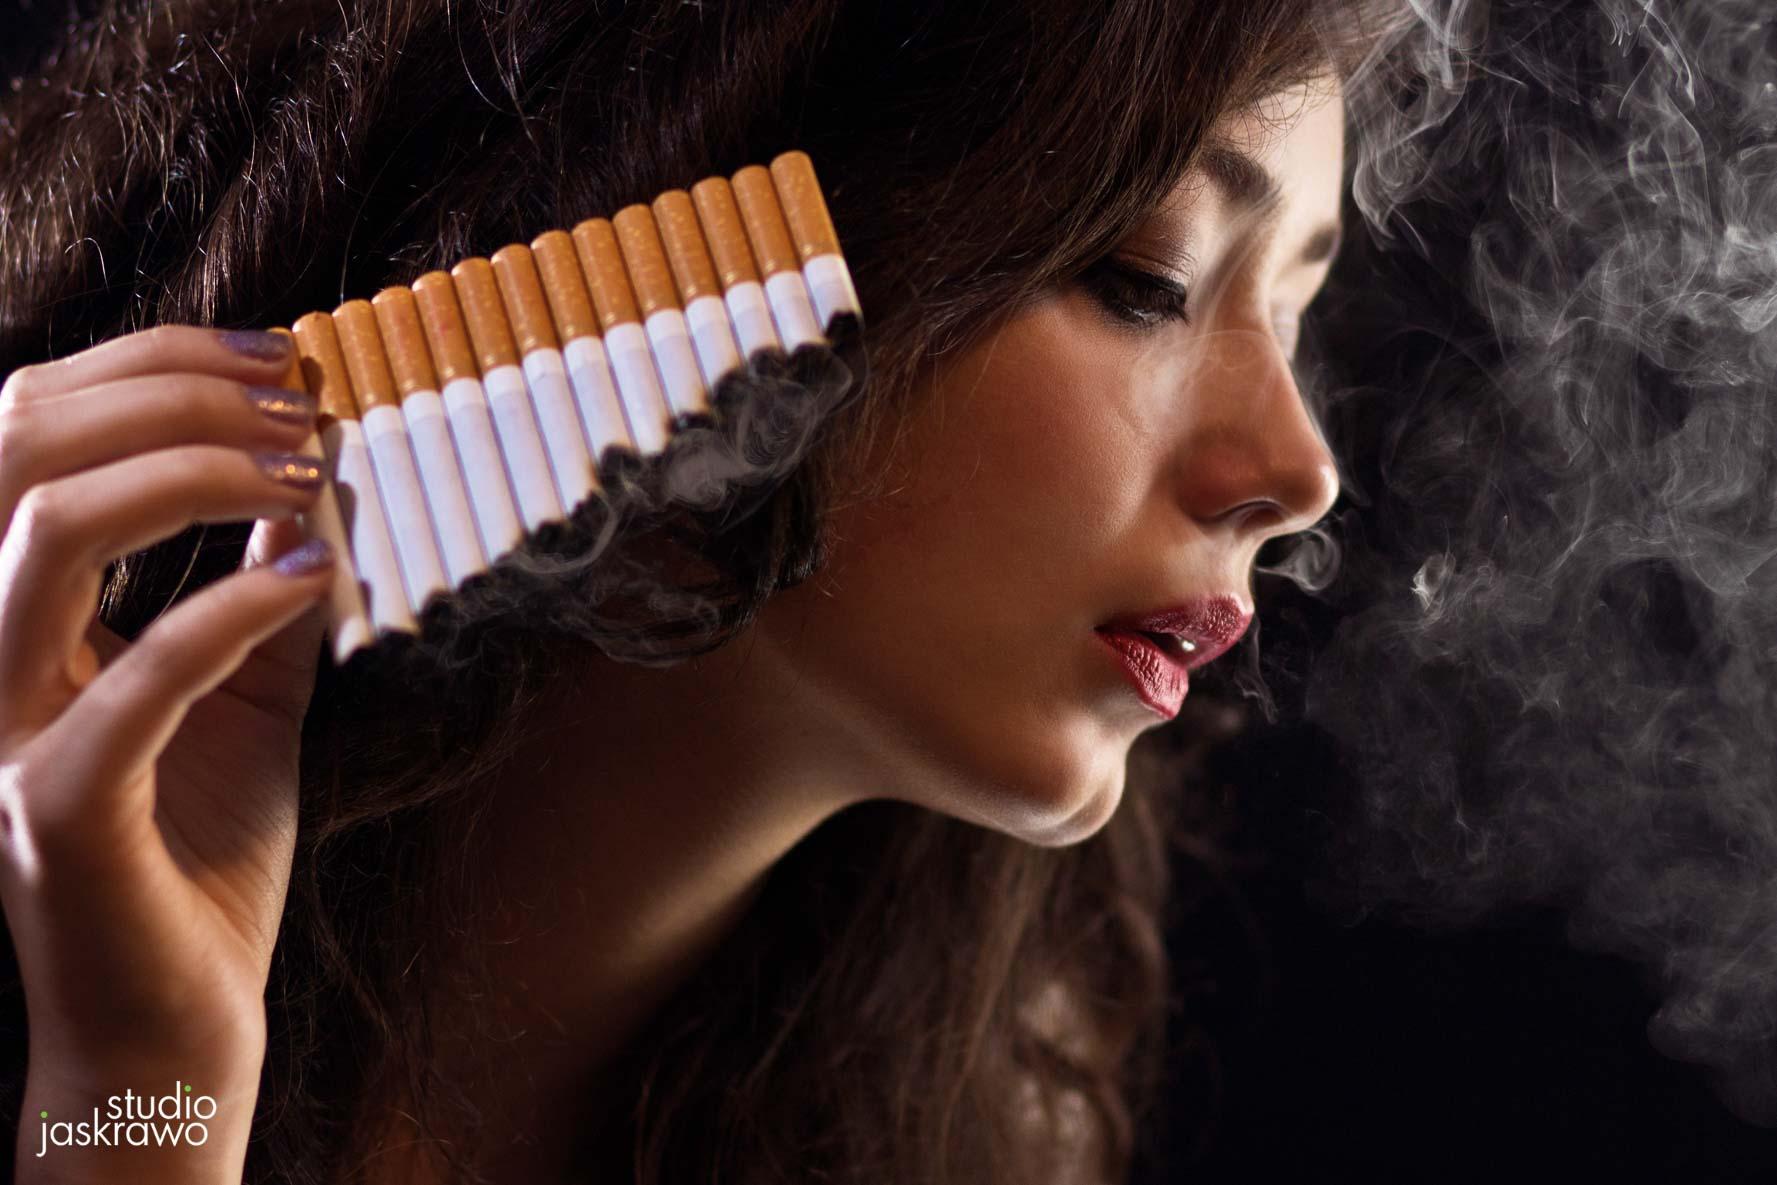 młoda kobieta trzyma kilka papierosów w jednej ręce